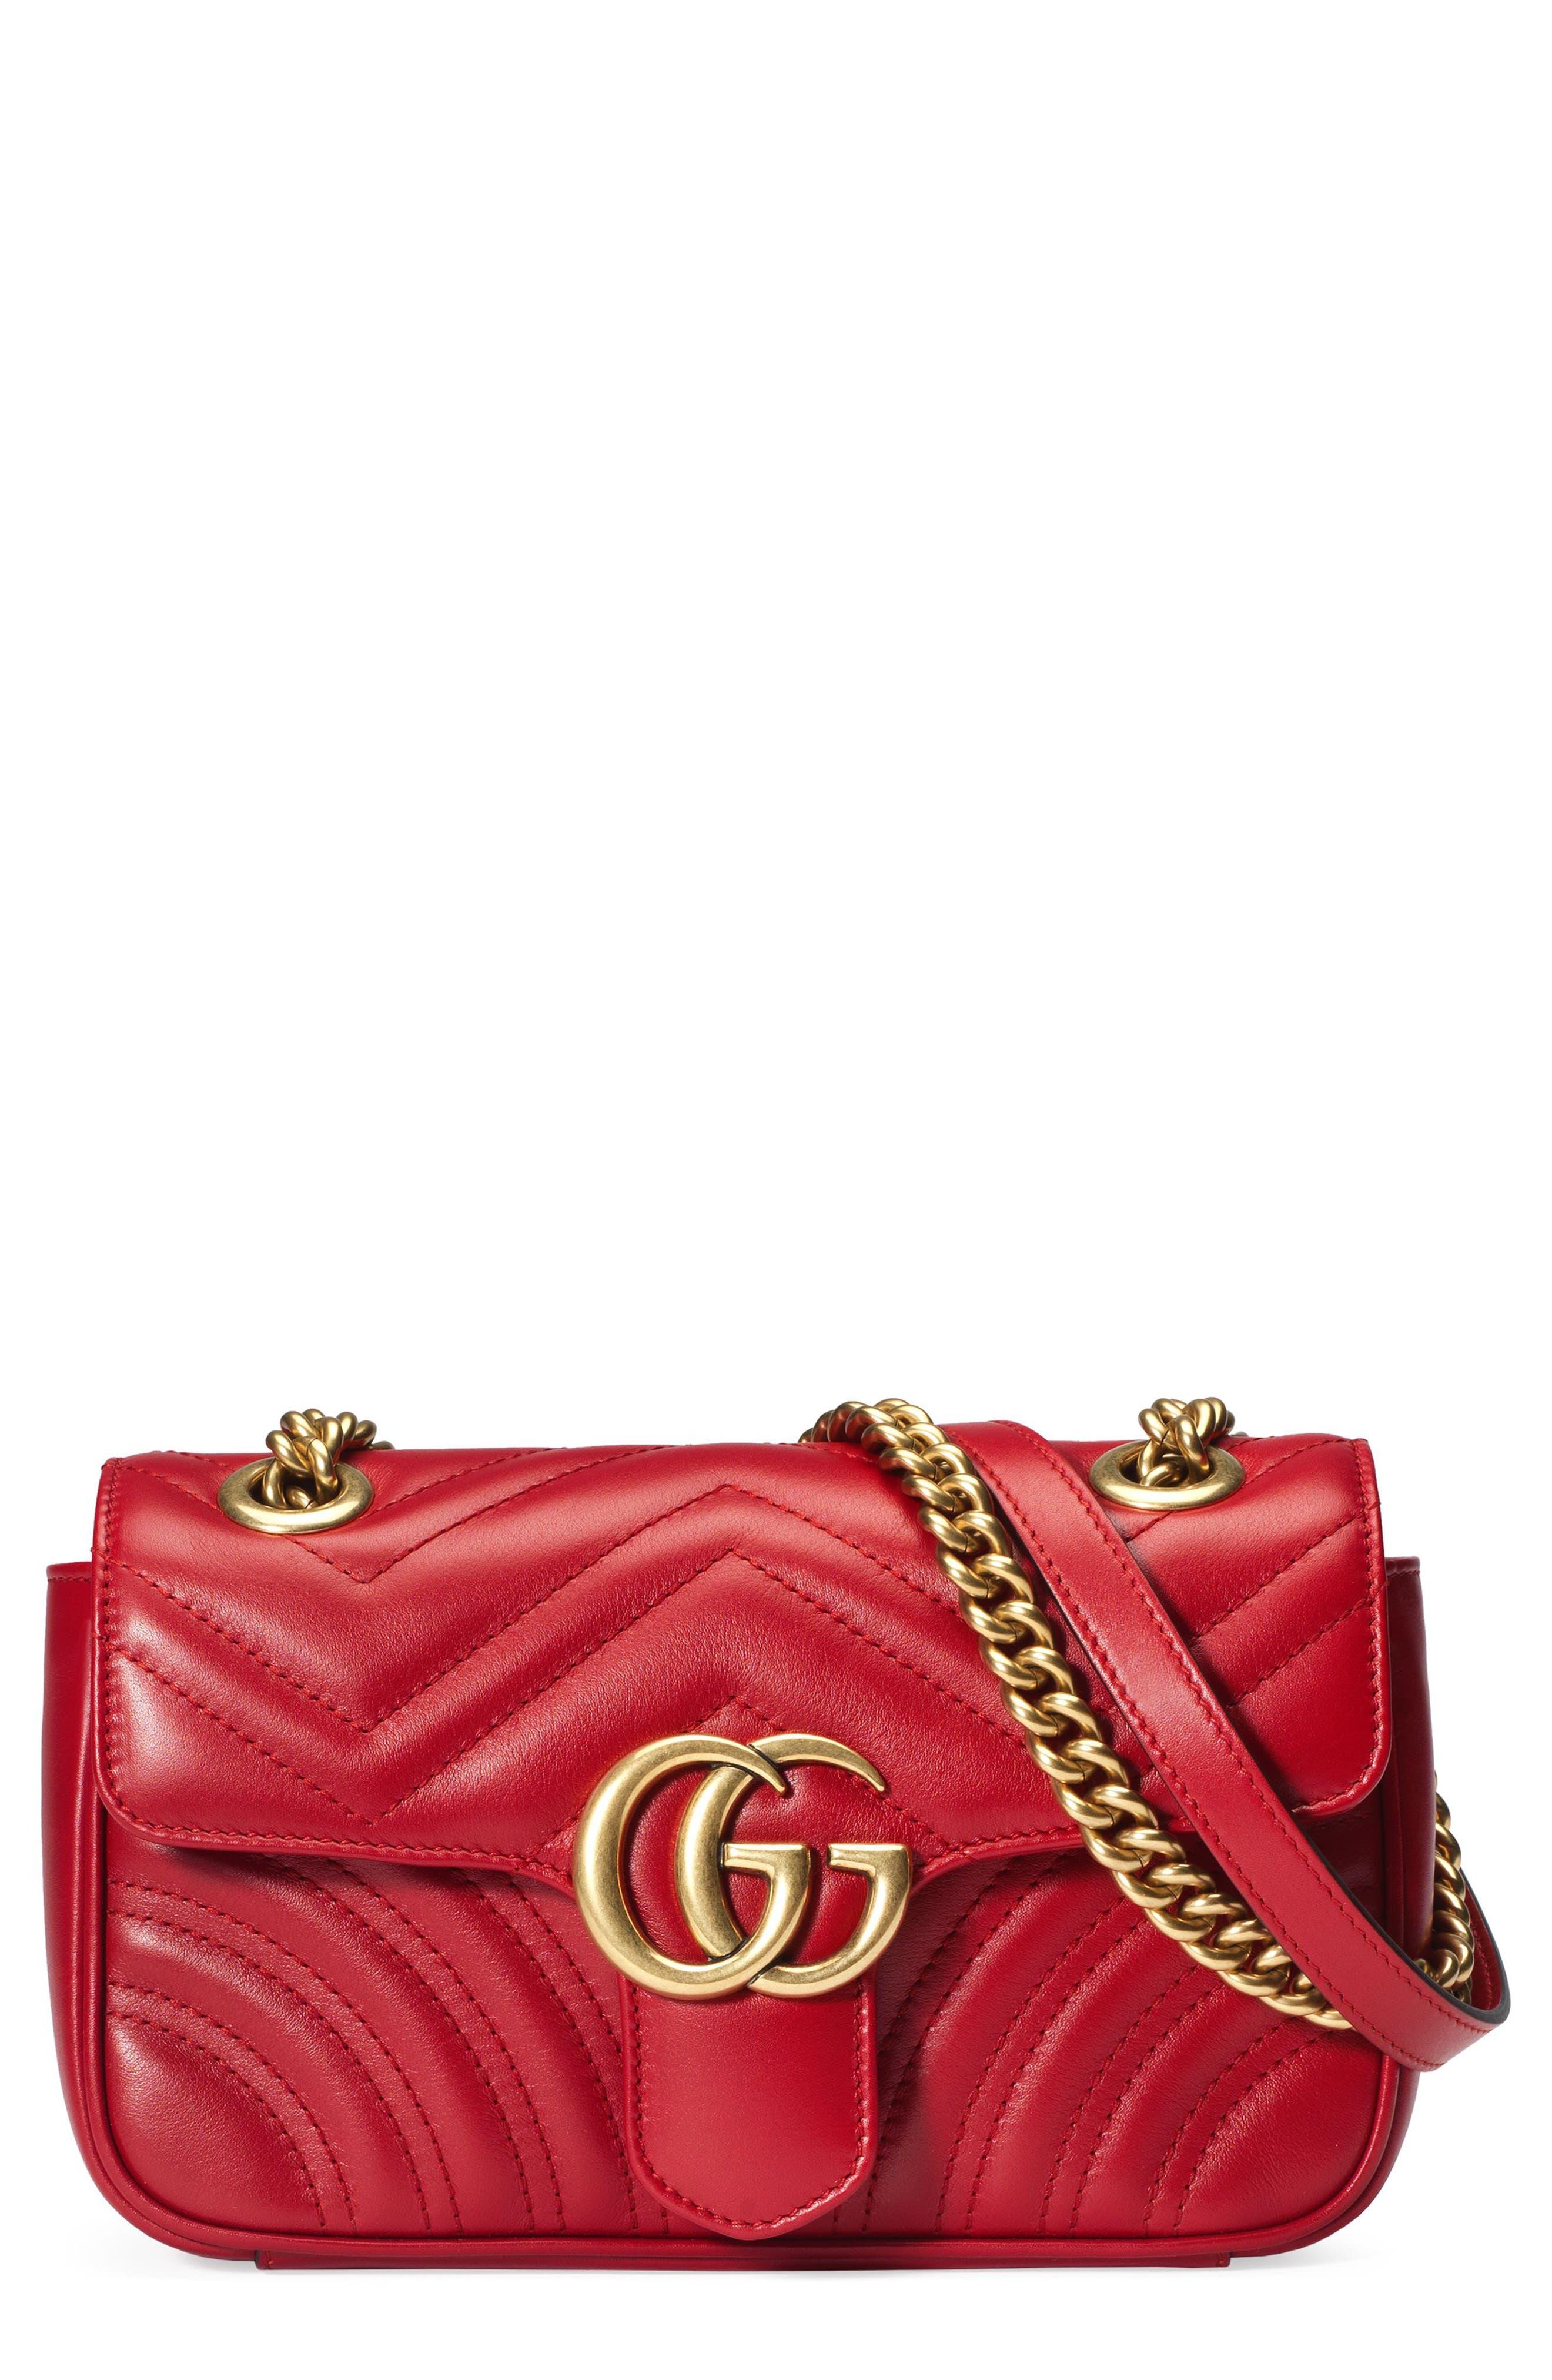 Mini GG Marmont 2.0 Matelassé Leather Shoulder Bag,                             Main thumbnail 1, color,                             HIBISCUS RED